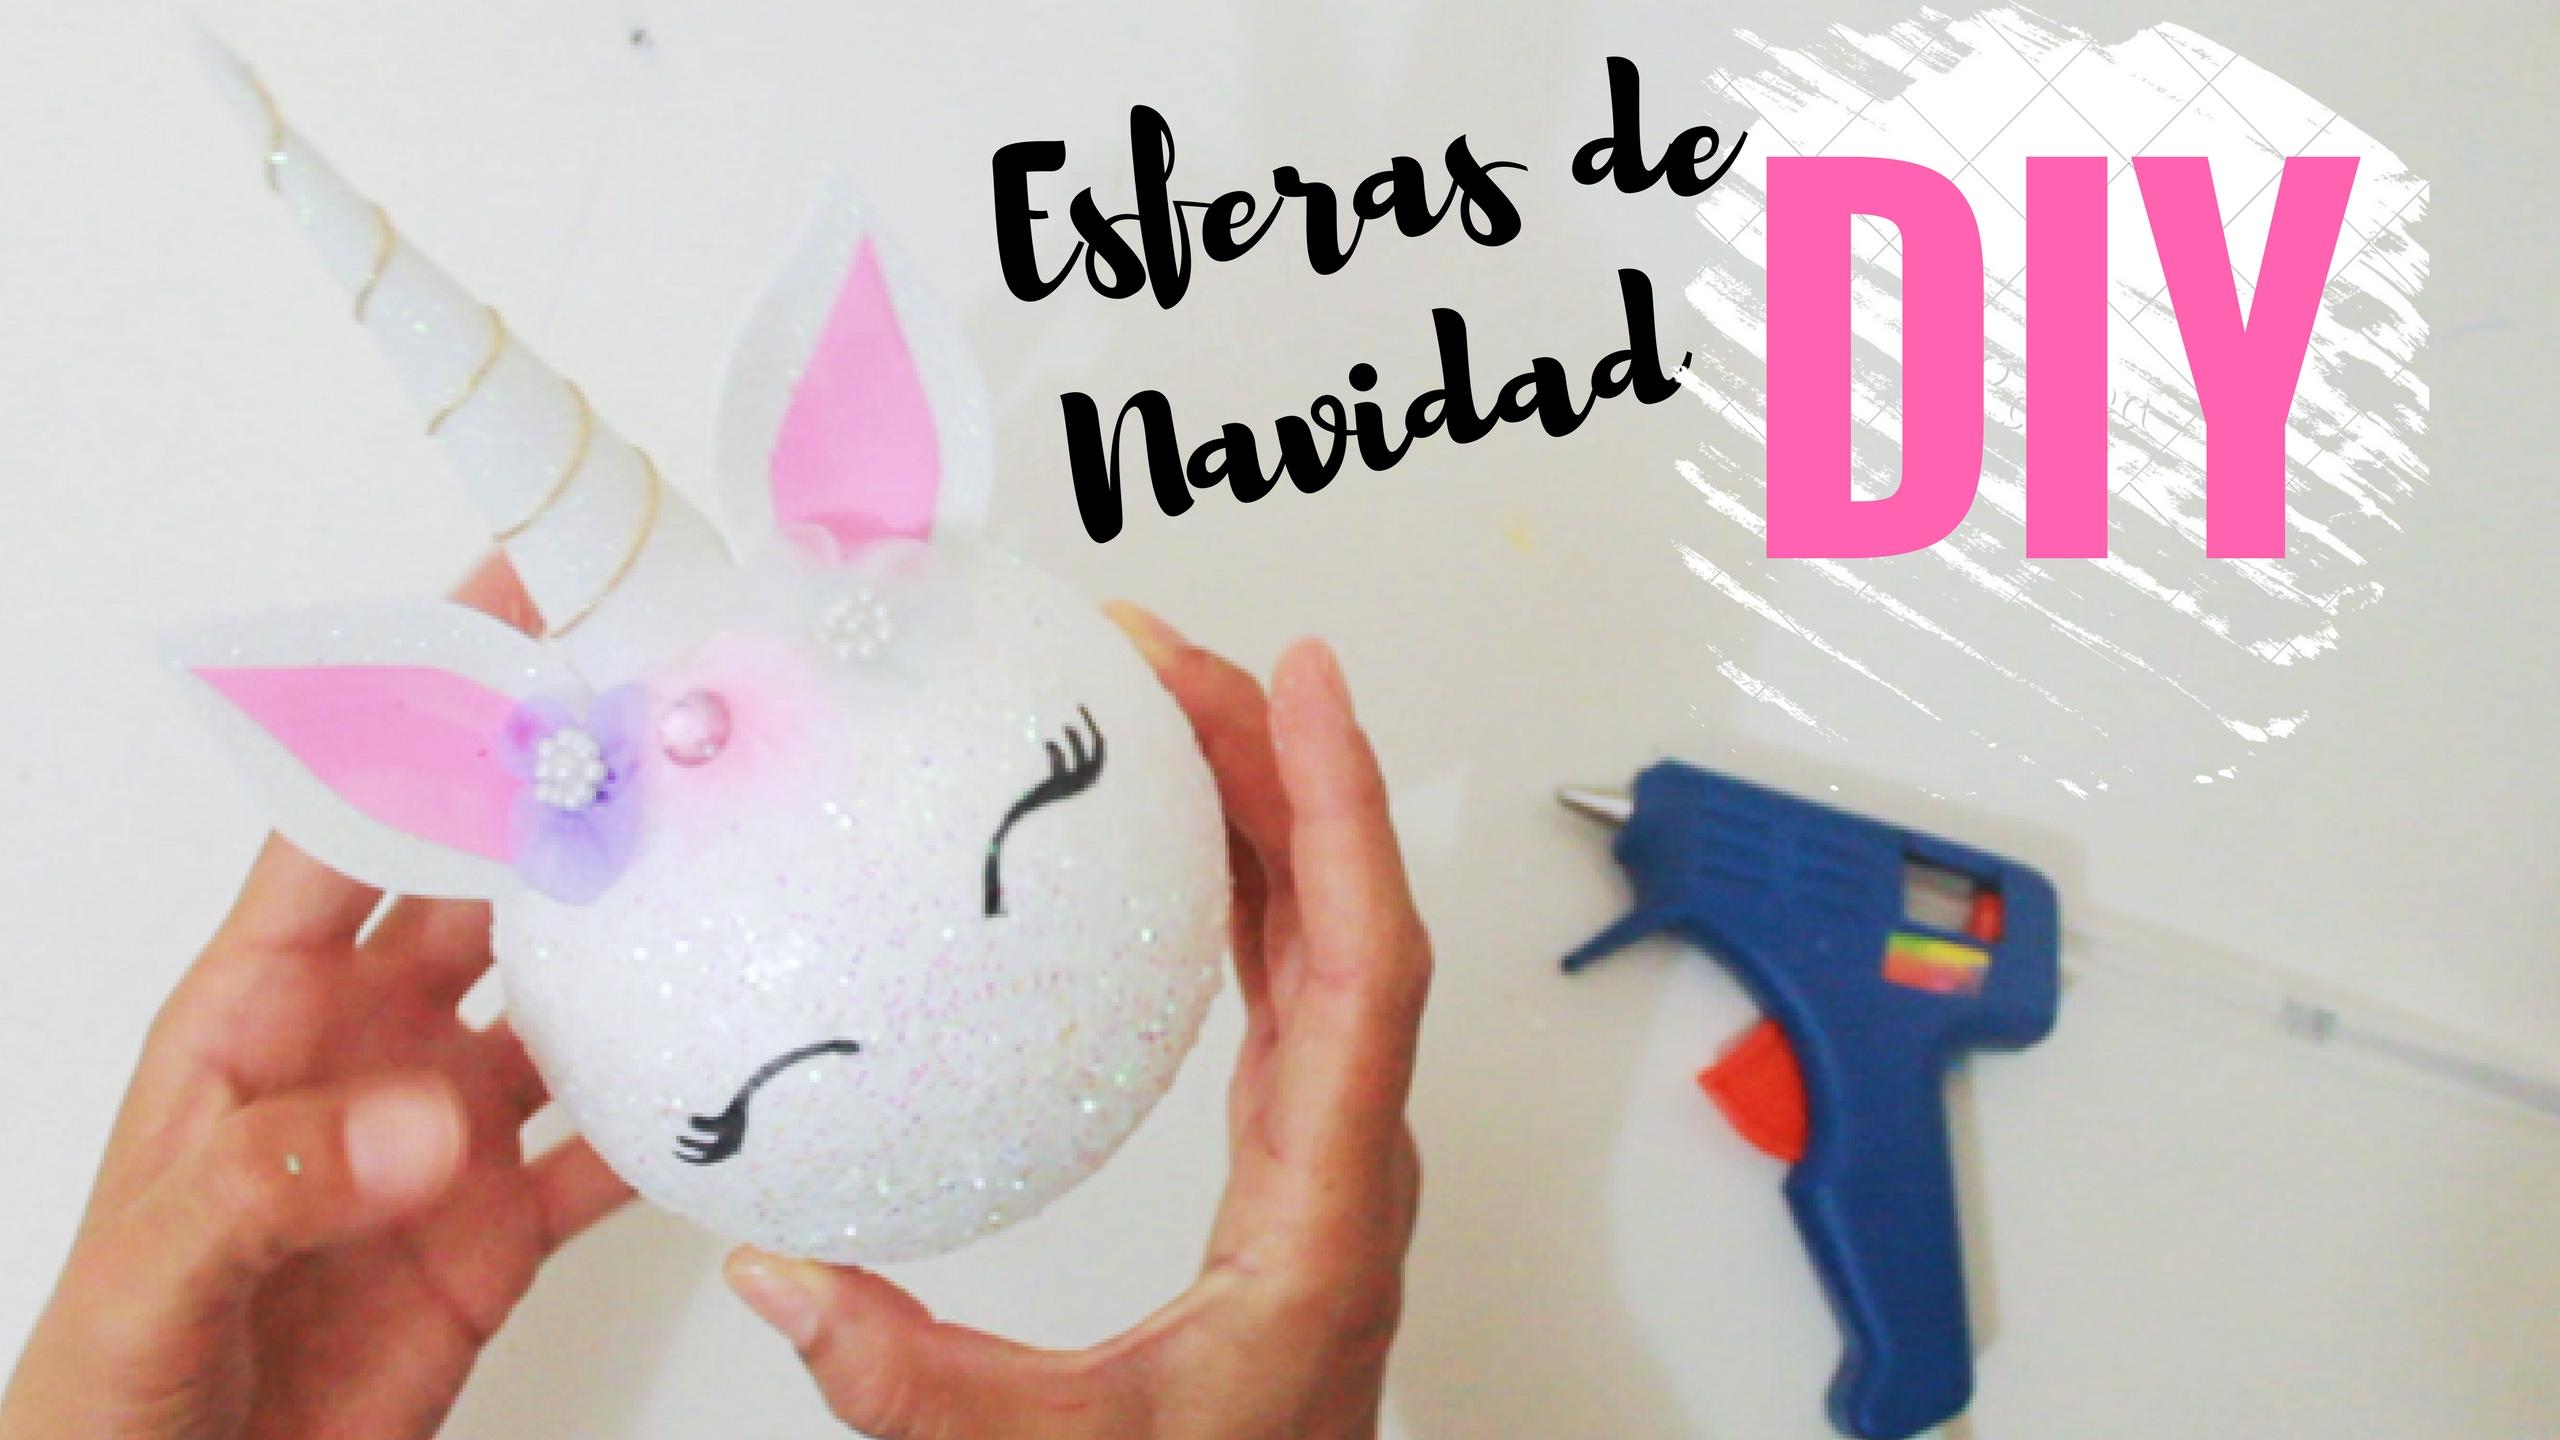 DIY Esferas de navidad de unicel unicornio